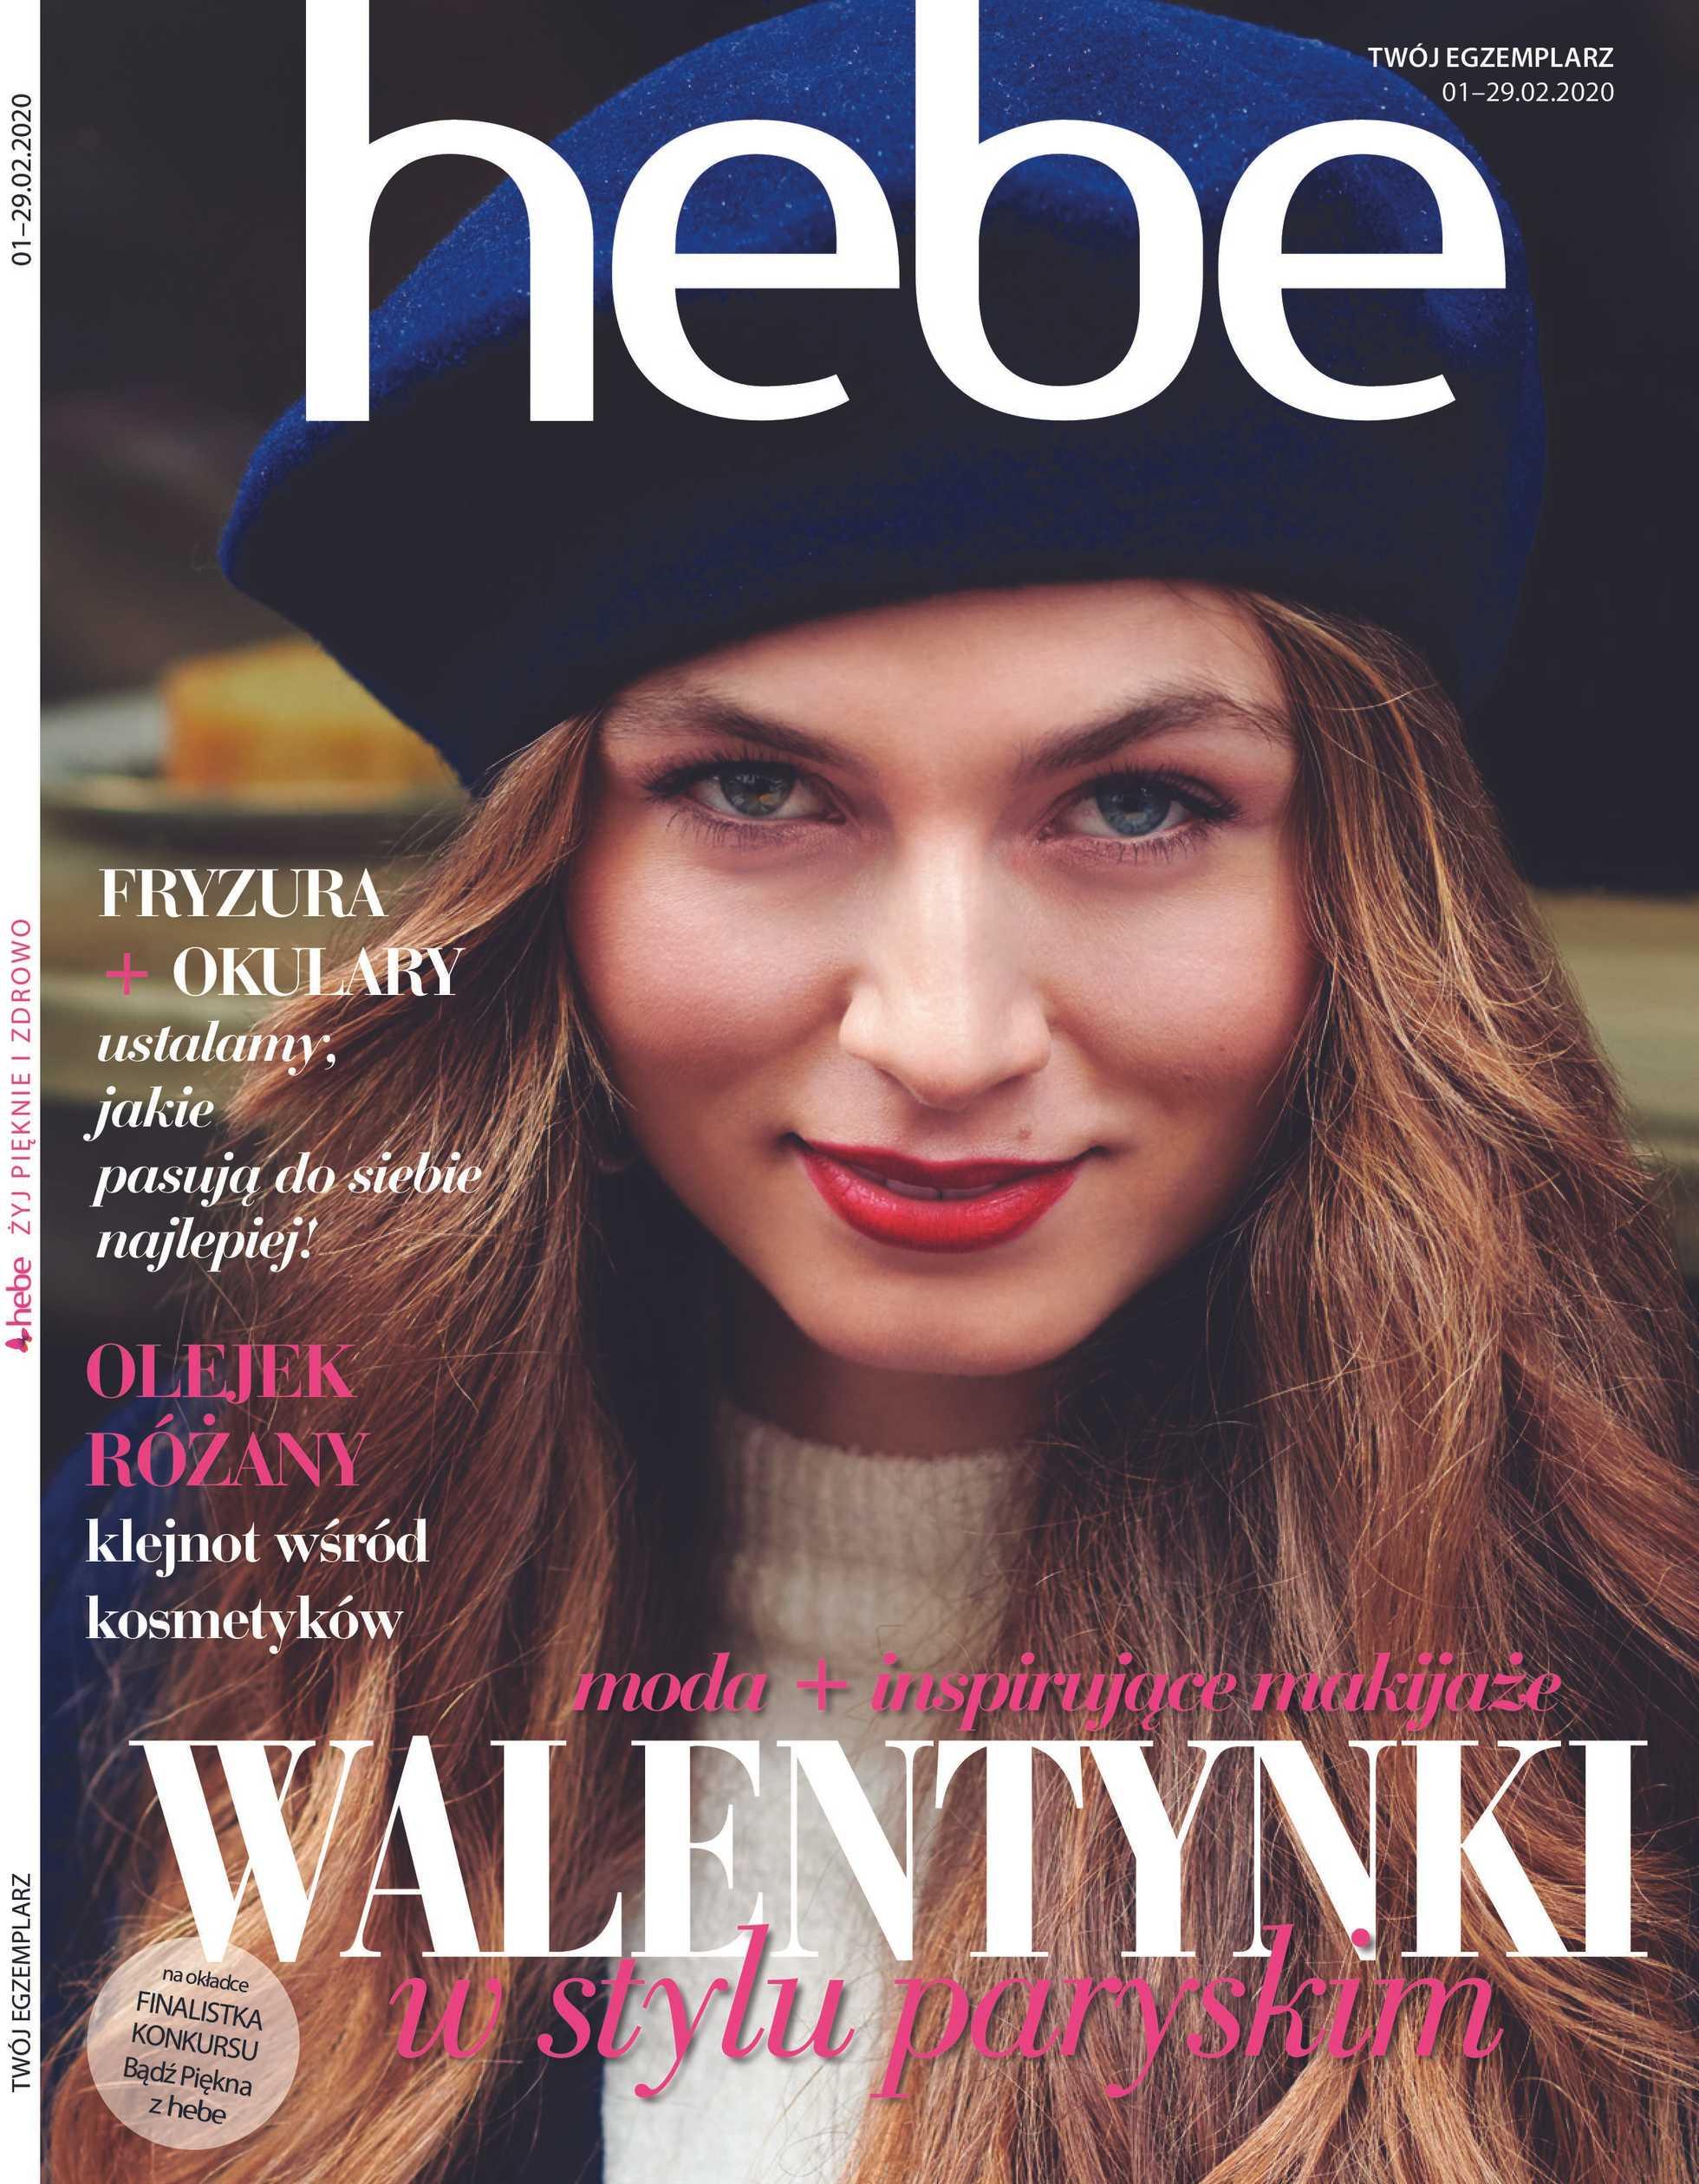 Hebe - gazetka promocyjna ważna od 01.02.2020 do 29.02.2020 - strona 1.